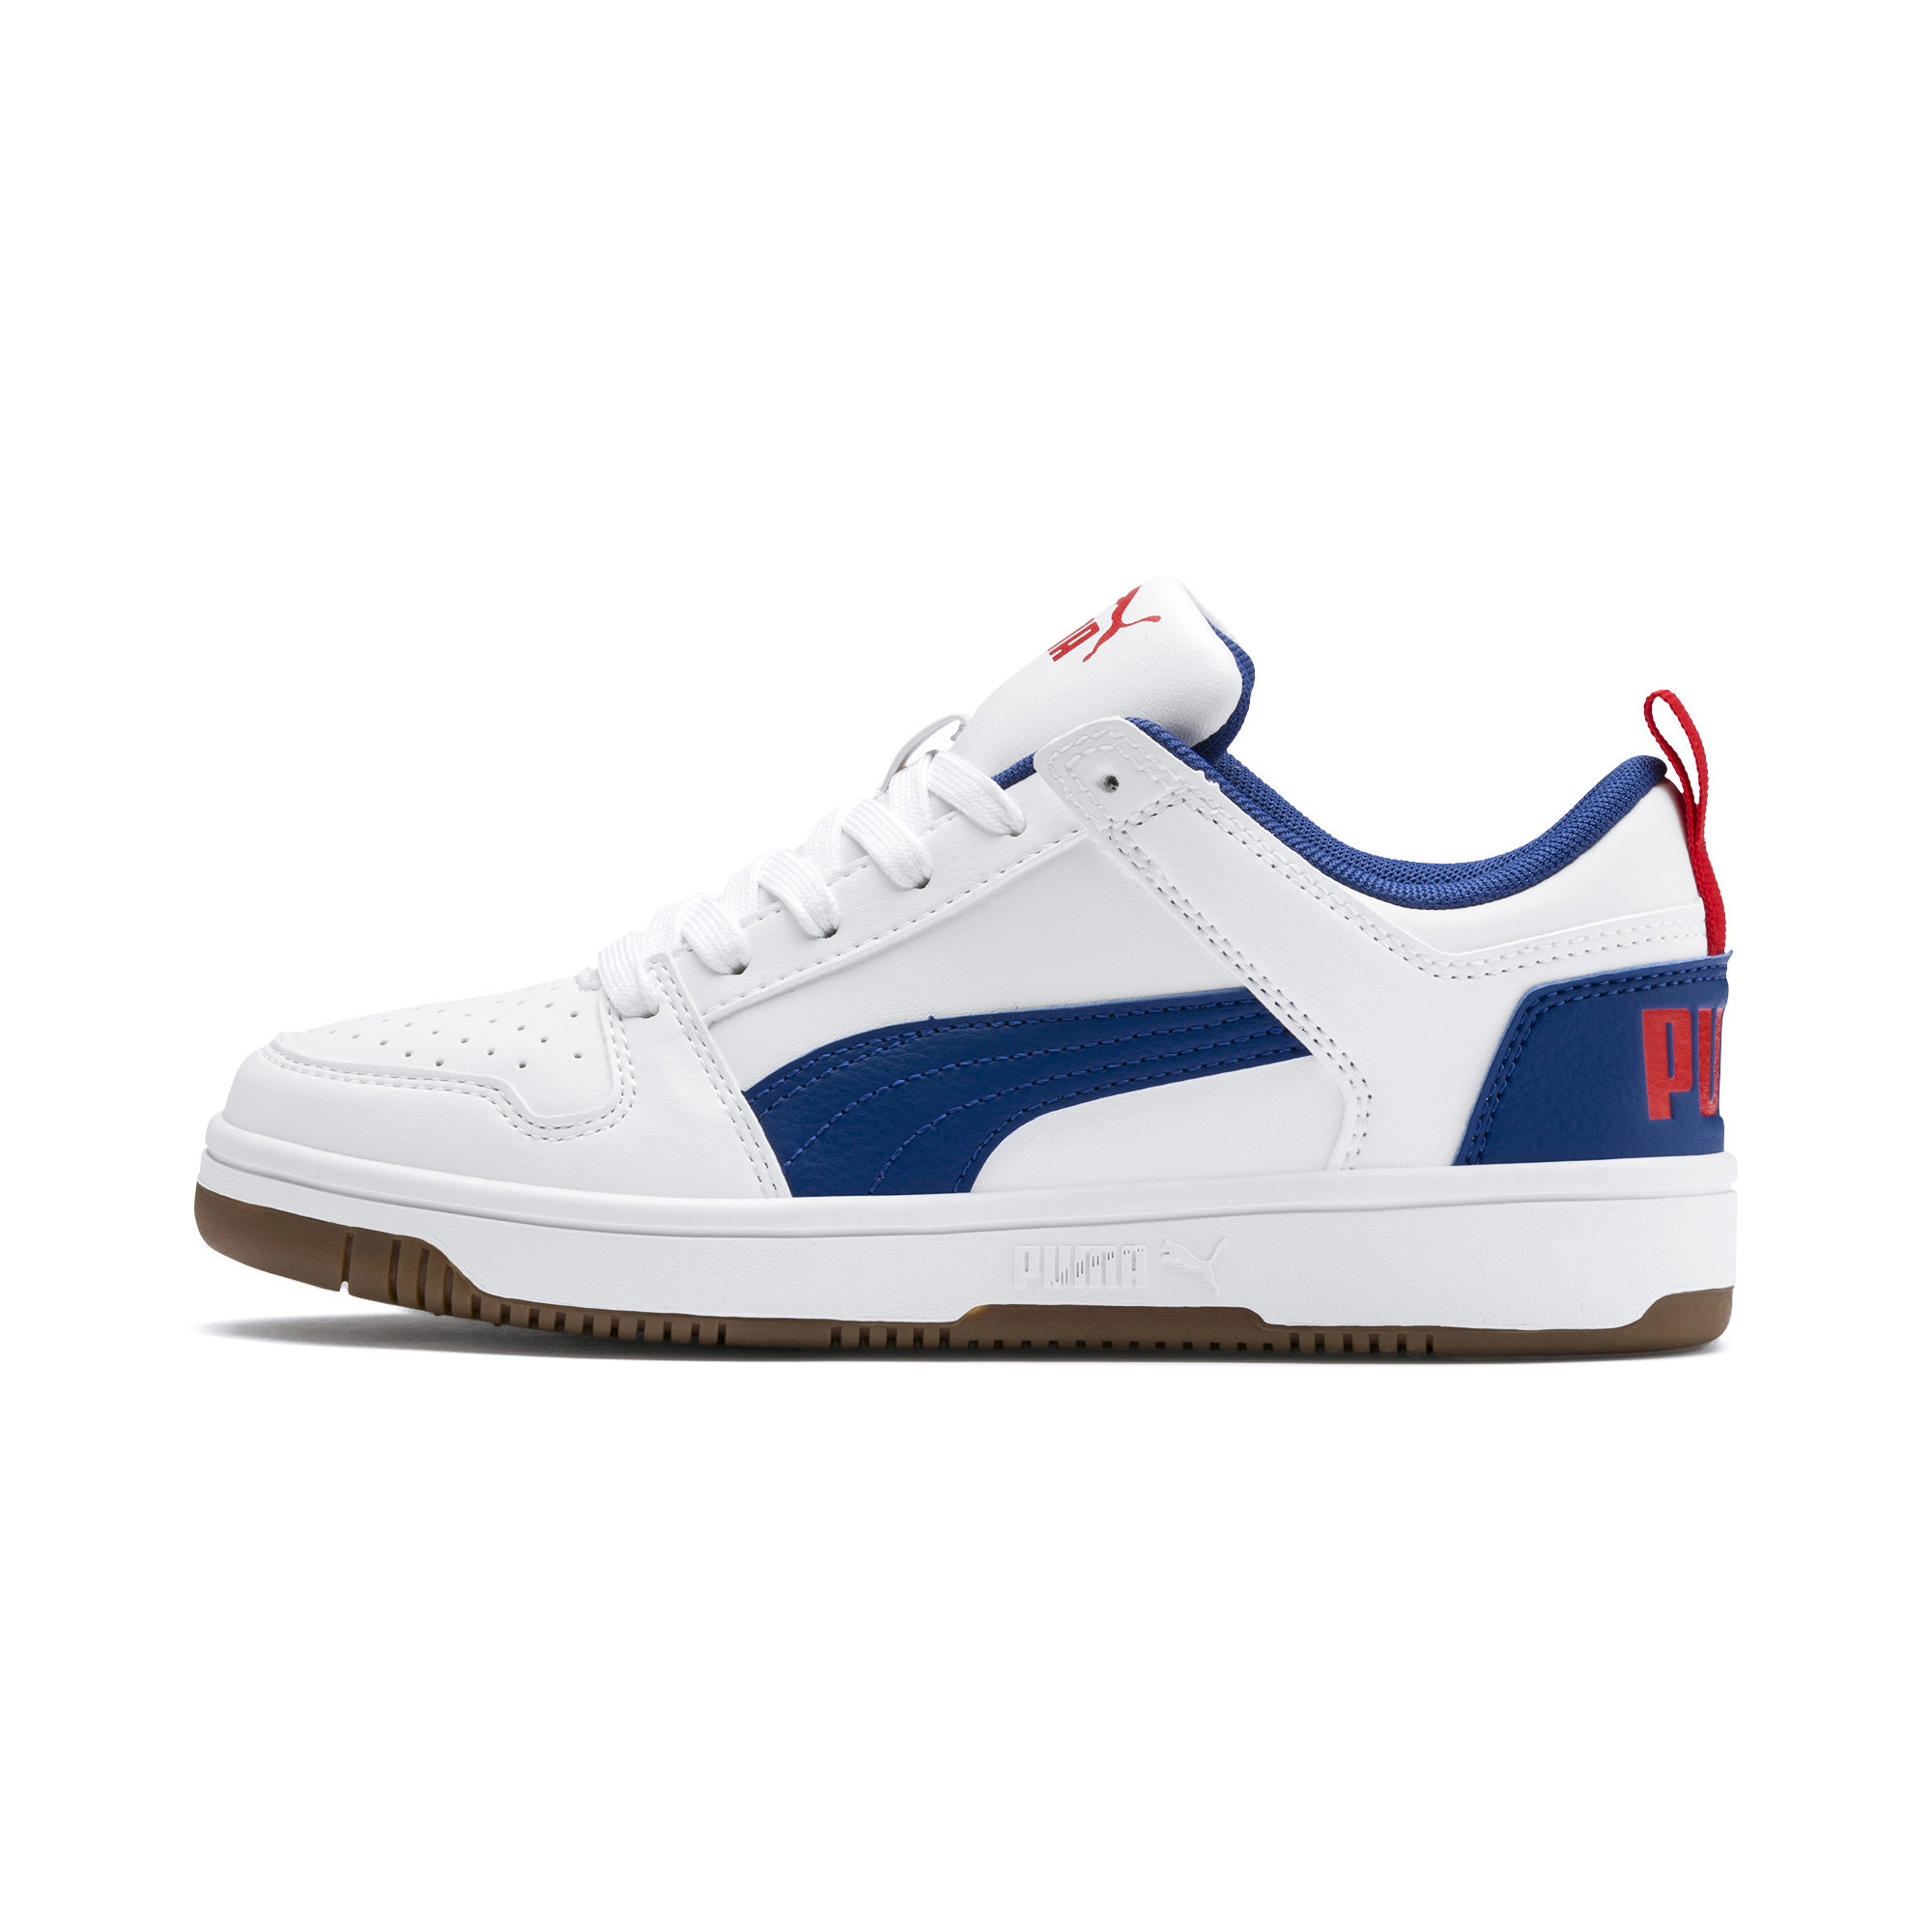 PUMA-PUMA-Rebound-LayUp-Lo-Sneakers-JR-Boys-Shoe-Kids thumbnail 22